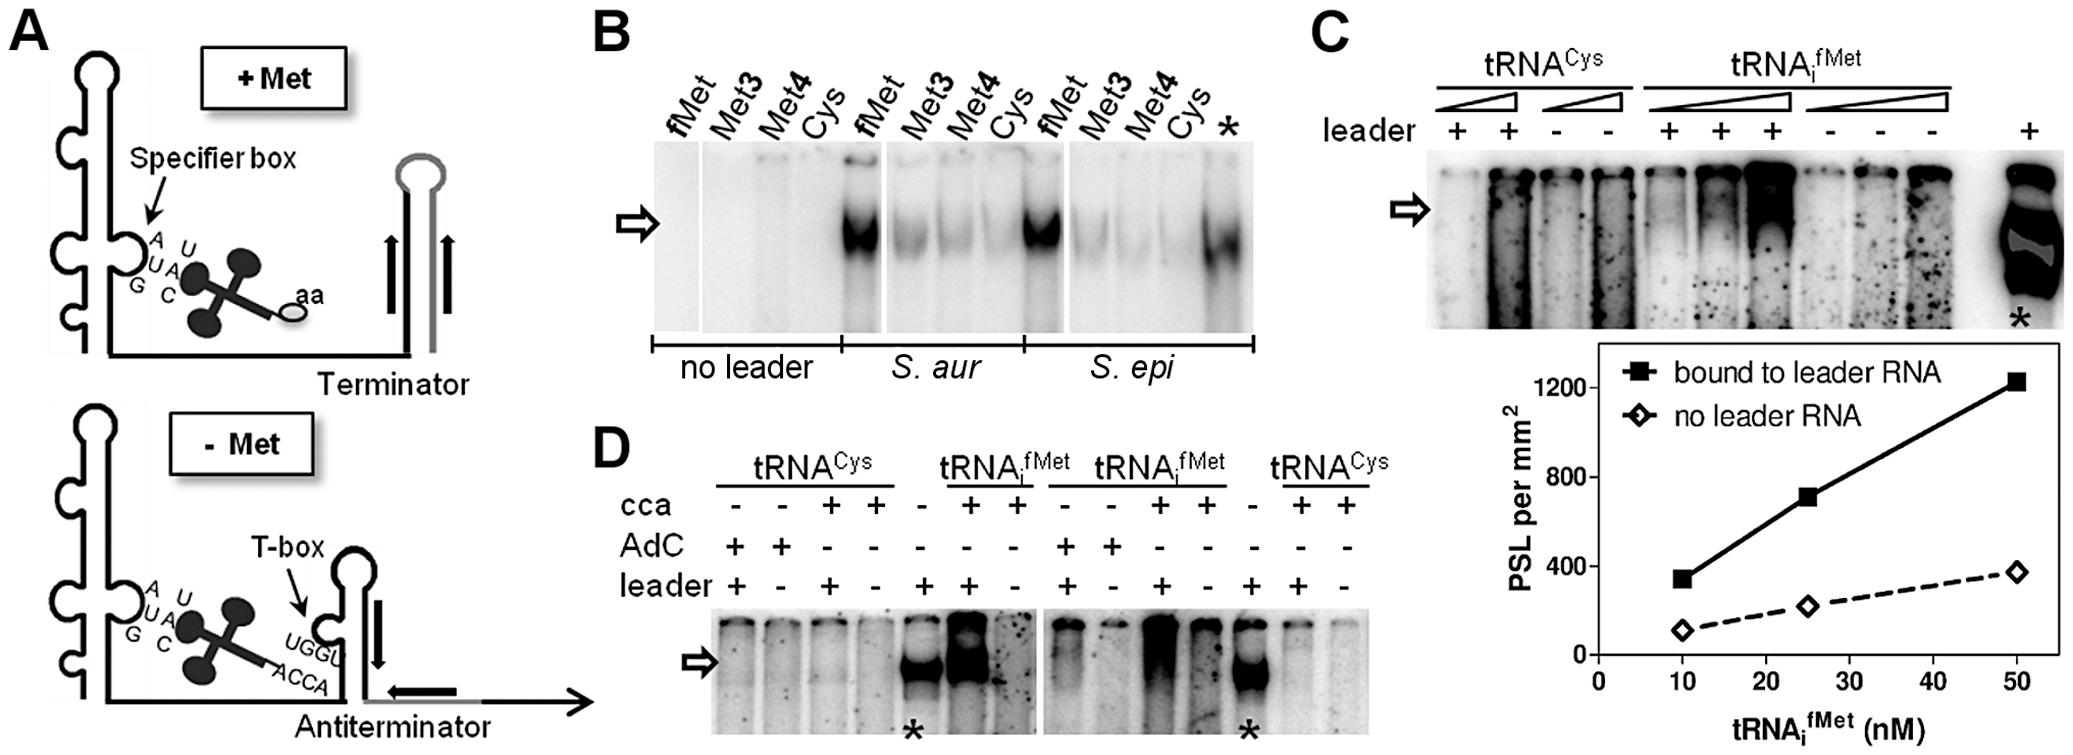 <i>In vitro</i> binding of <i>met</i> leader RNA to tRNAs.